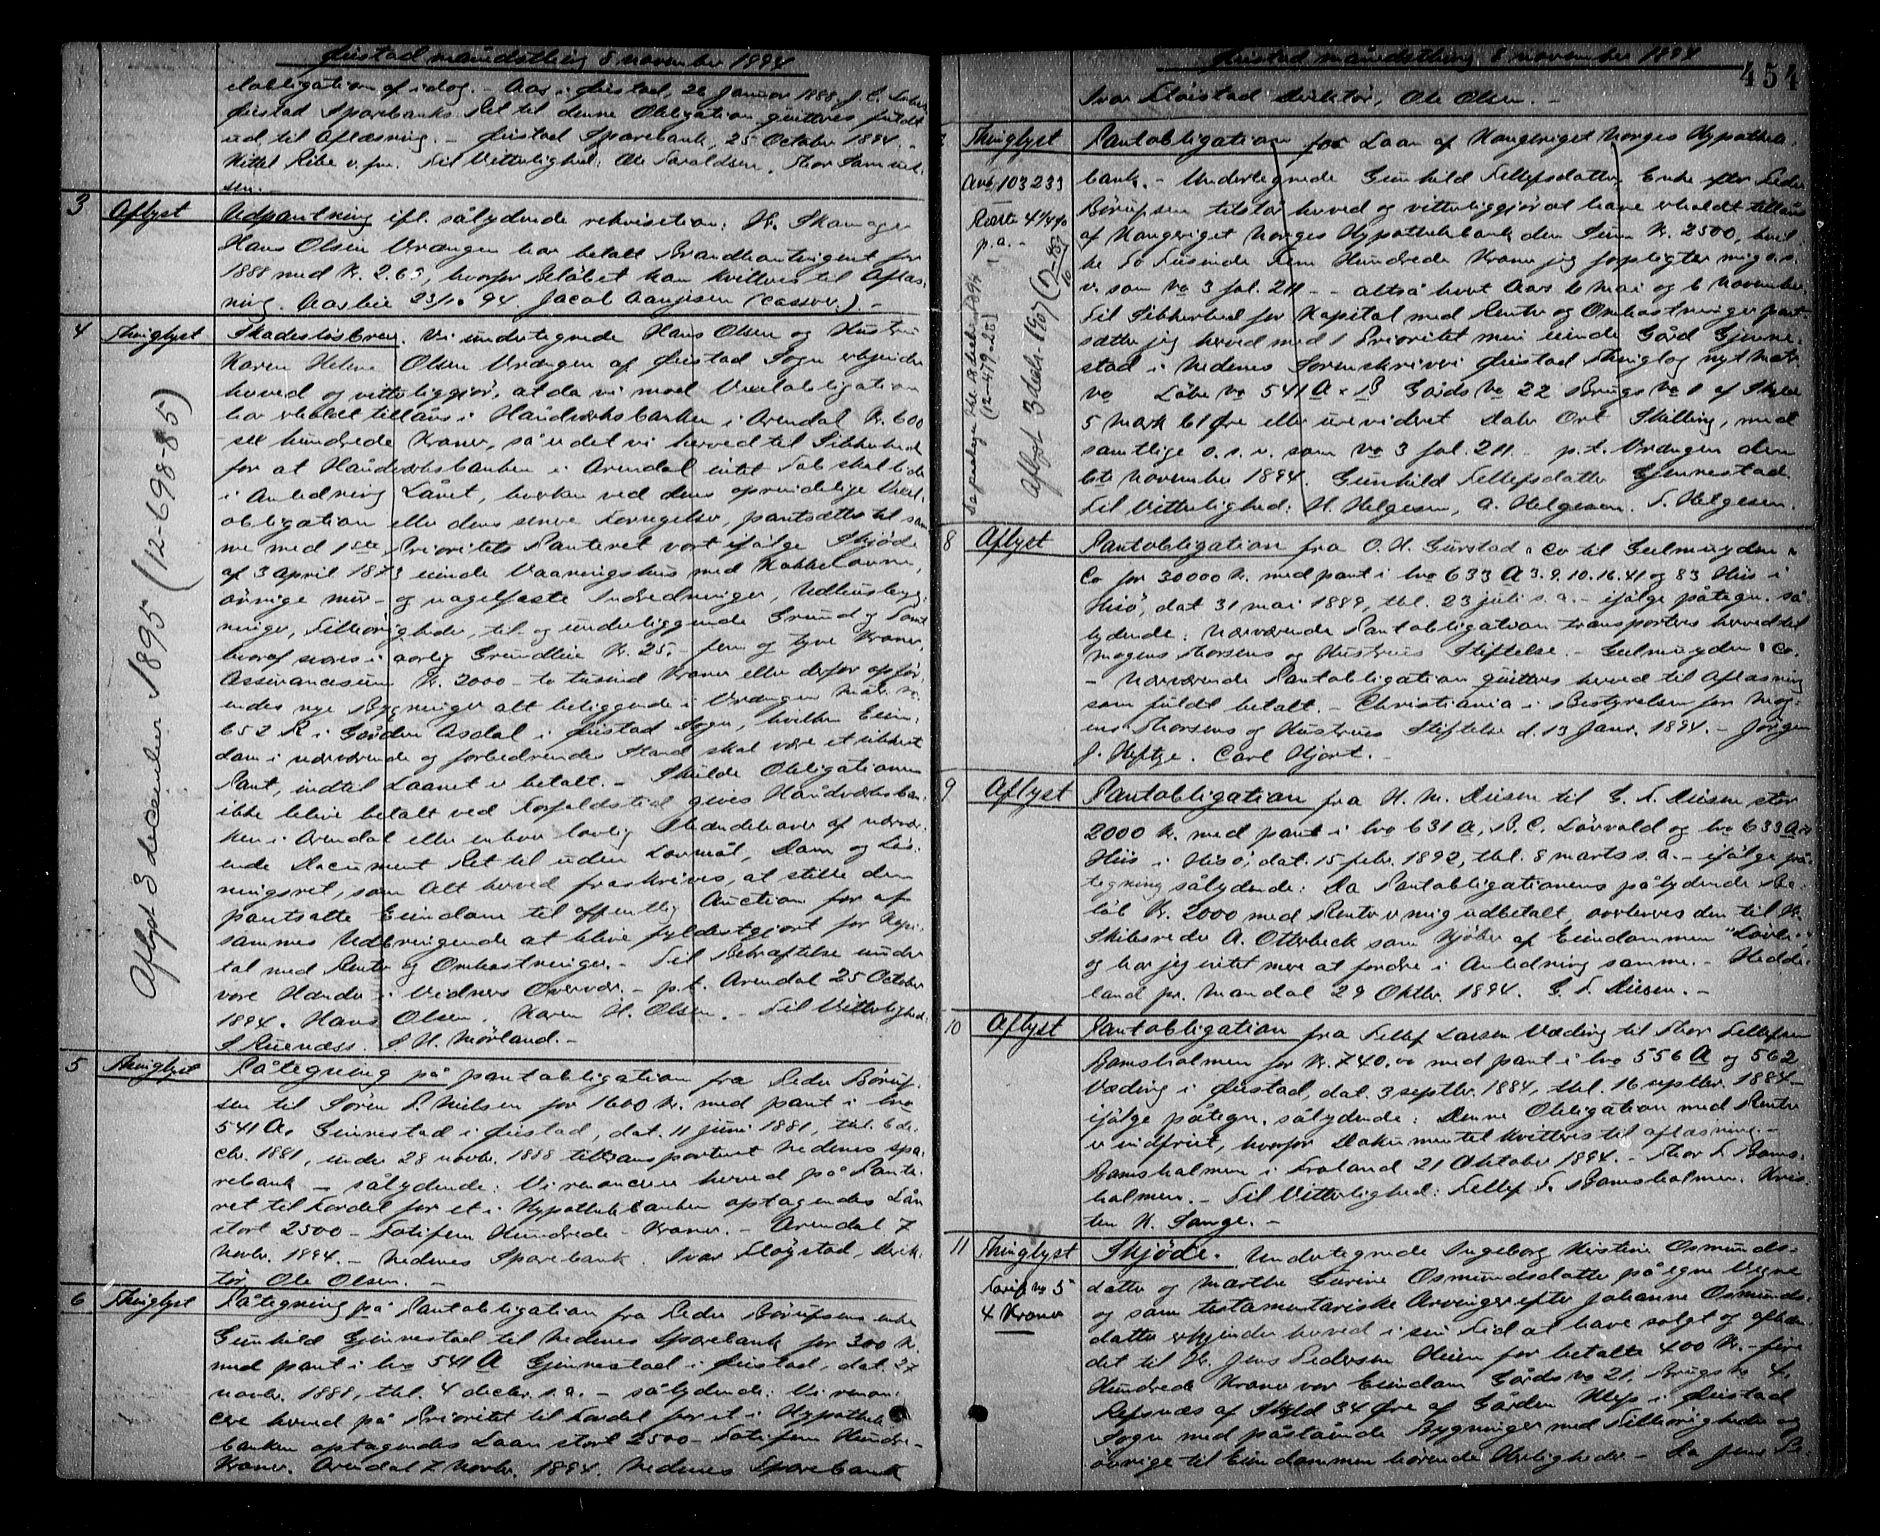 SAK, Nedenes sorenskriveri, G/Gb/Gba/L0015: Pantebok nr. 12, 1892-1896, s. 454